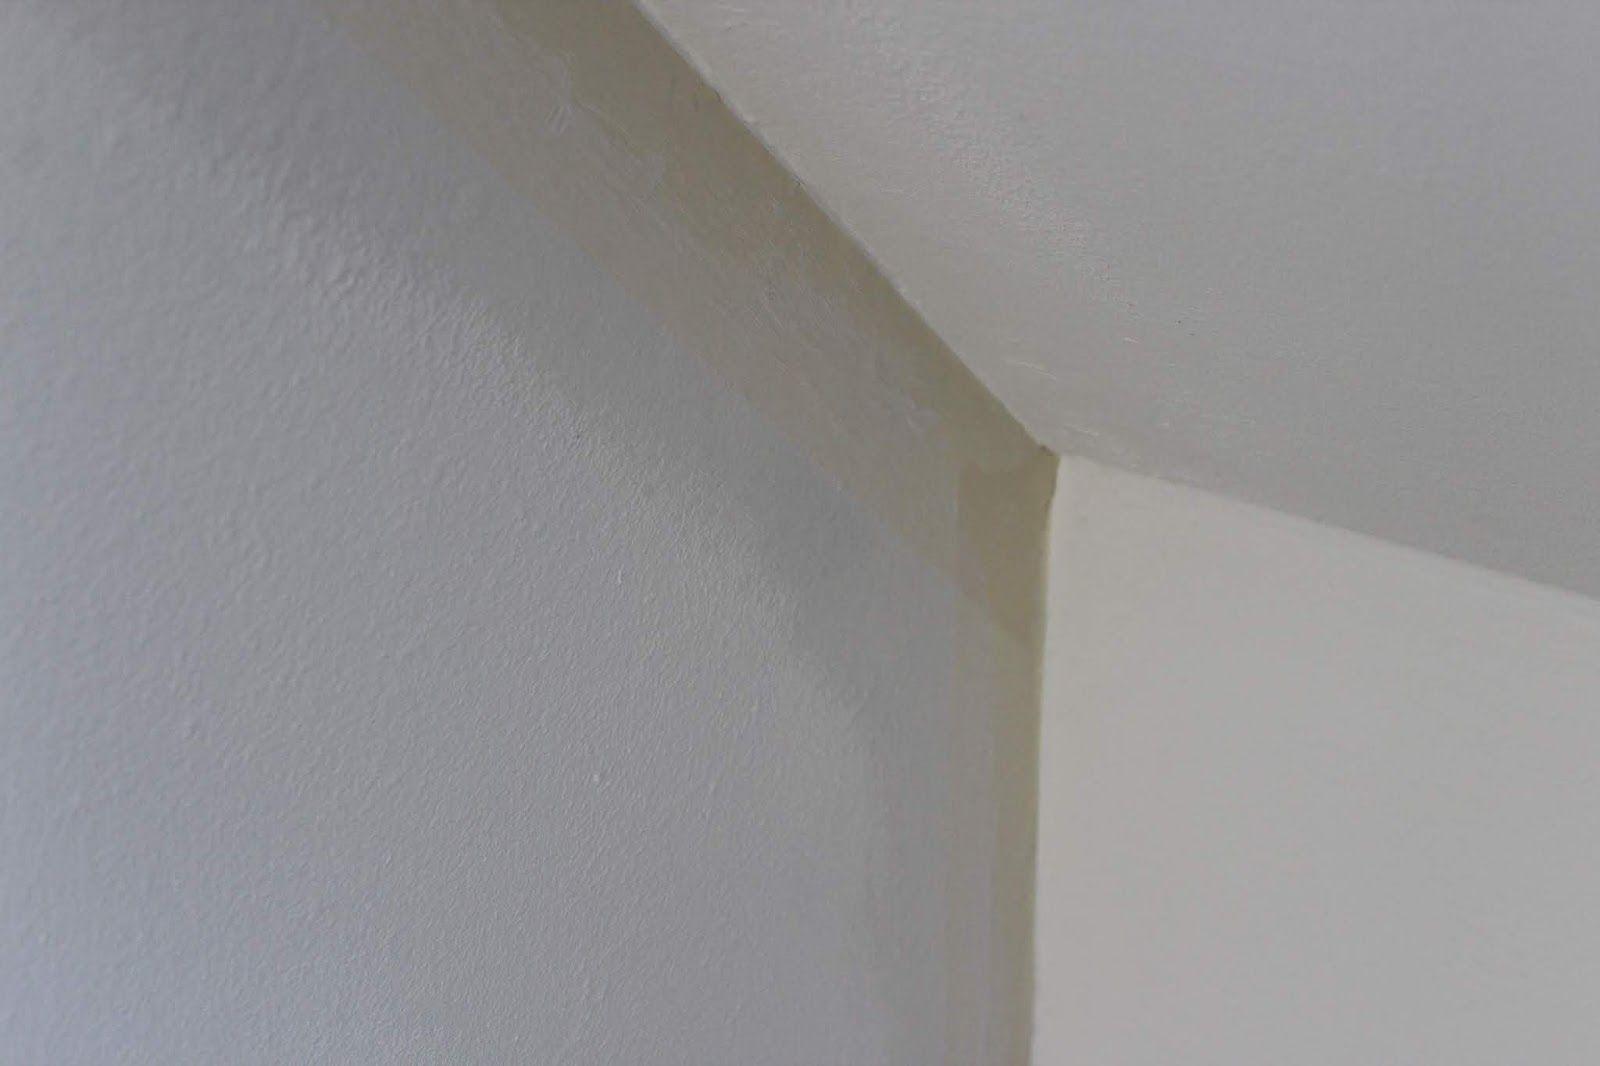 Diy Flur Make Over Inklusive Vorher Nachher Mit Neuer Wandfarbe In Schimmer Optik Shiny Rose Streich Tipps Wandfarbe Schoner Wohnen Farbe Wandfarbe Weiss